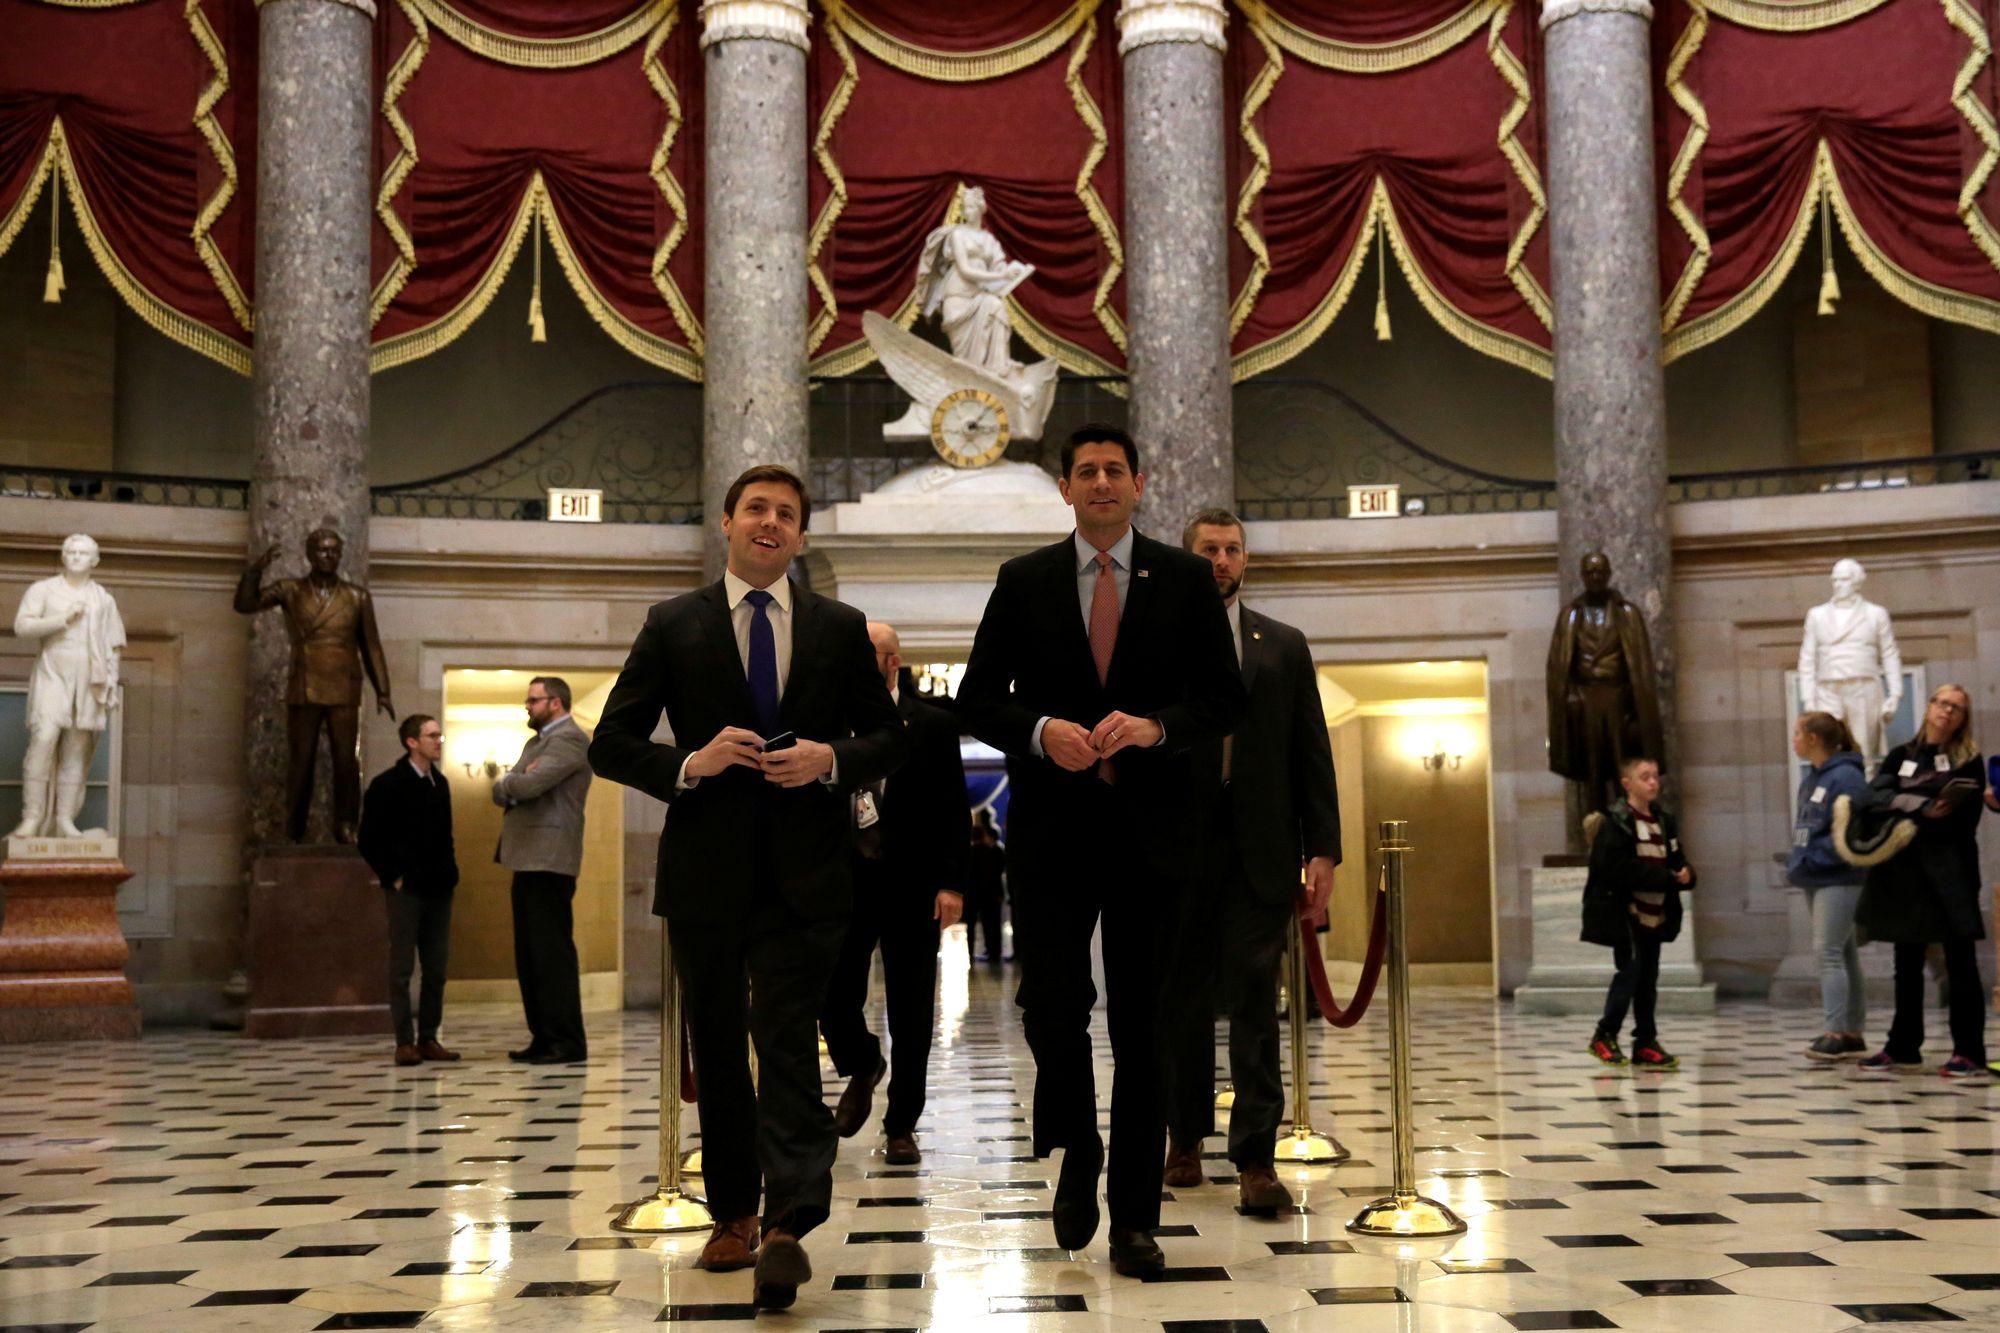 La chambre basse am ricaine vote son tour pour abroger l for Chambre de l assurance